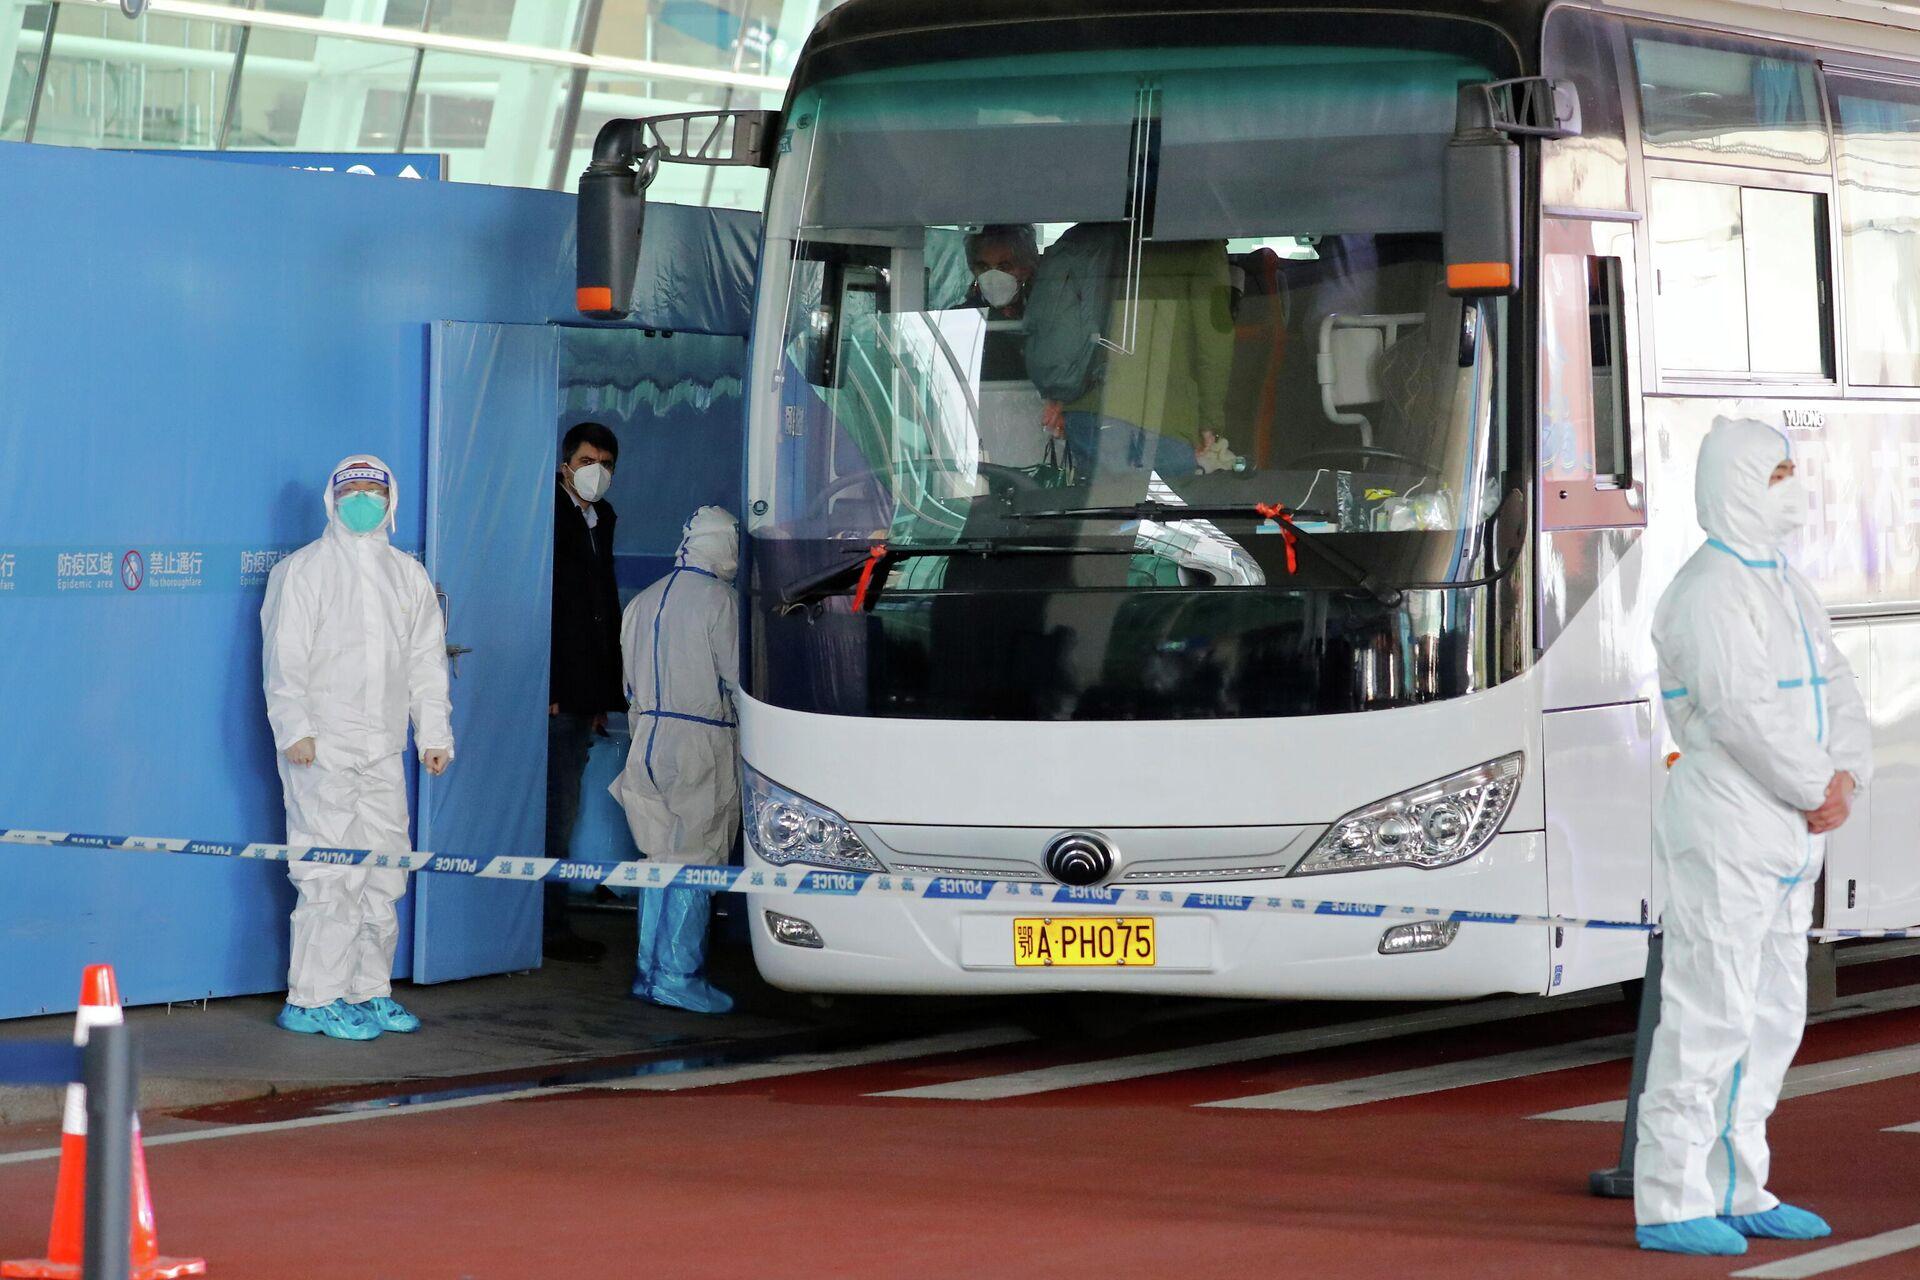 Группа экспертов ВОЗ садятся в автобус перед отъездом из международного аэропорта Ухань - РИА Новости, 1920, 15.01.2021